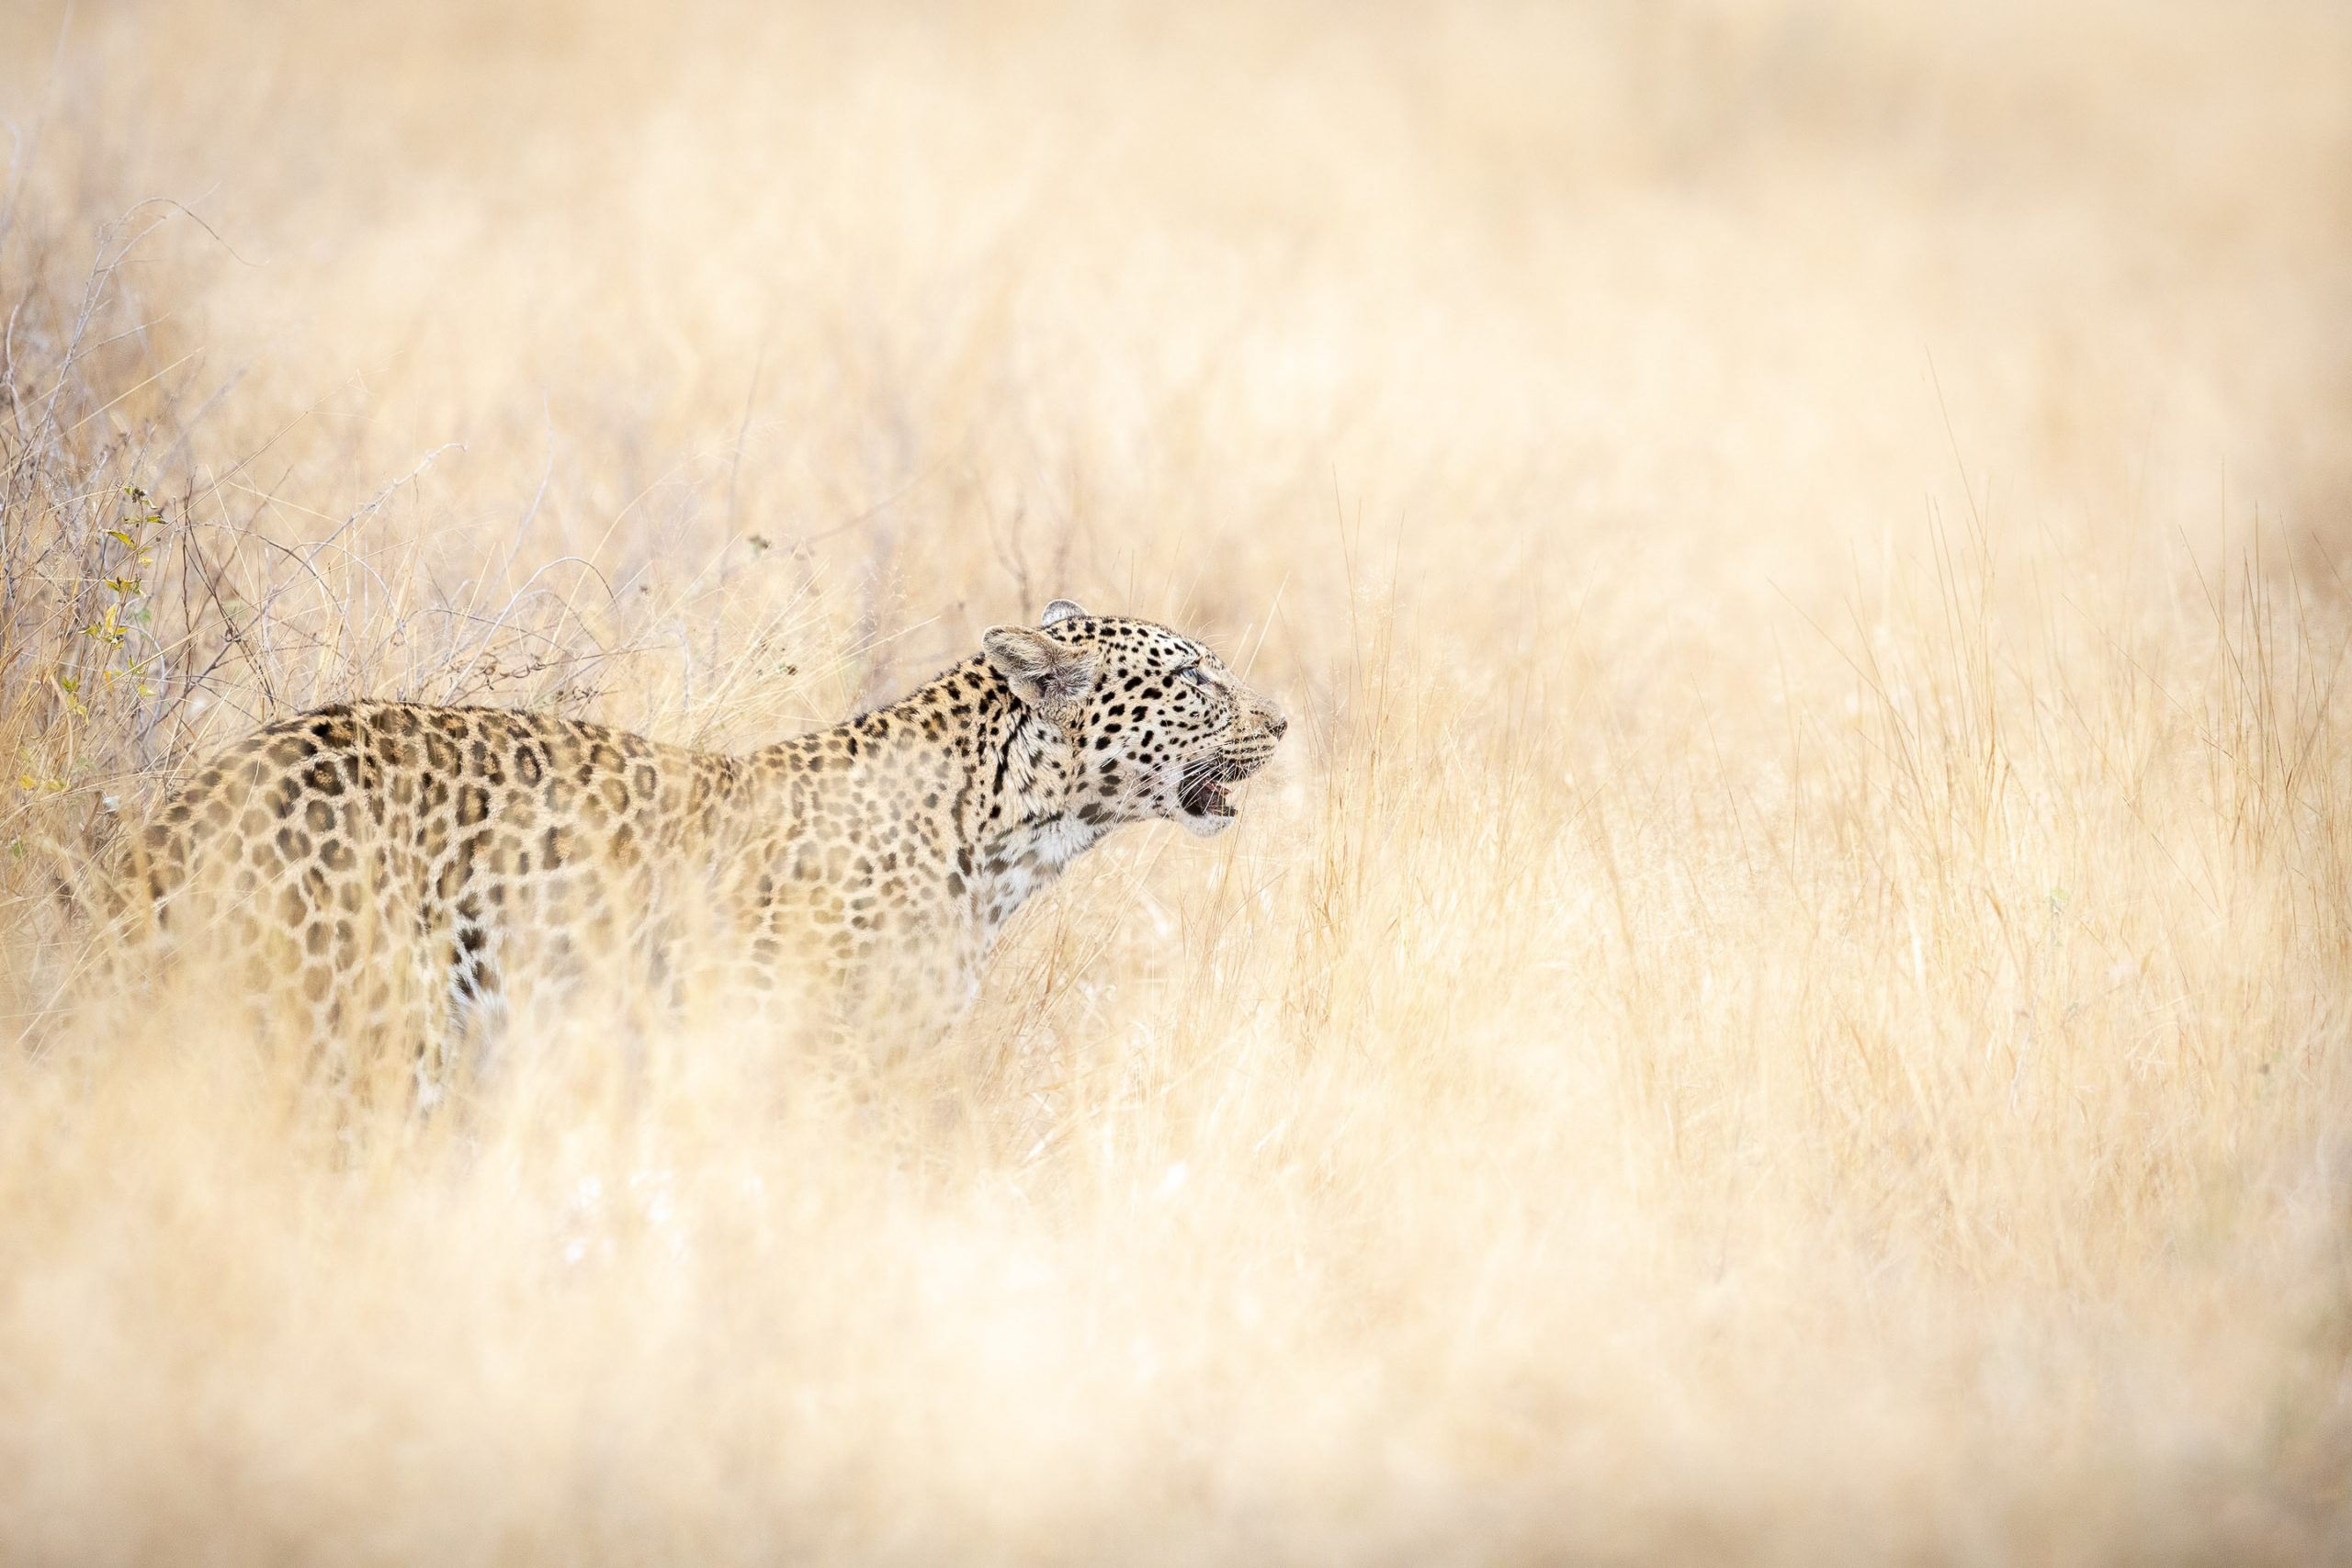 A leopard standing in long grass